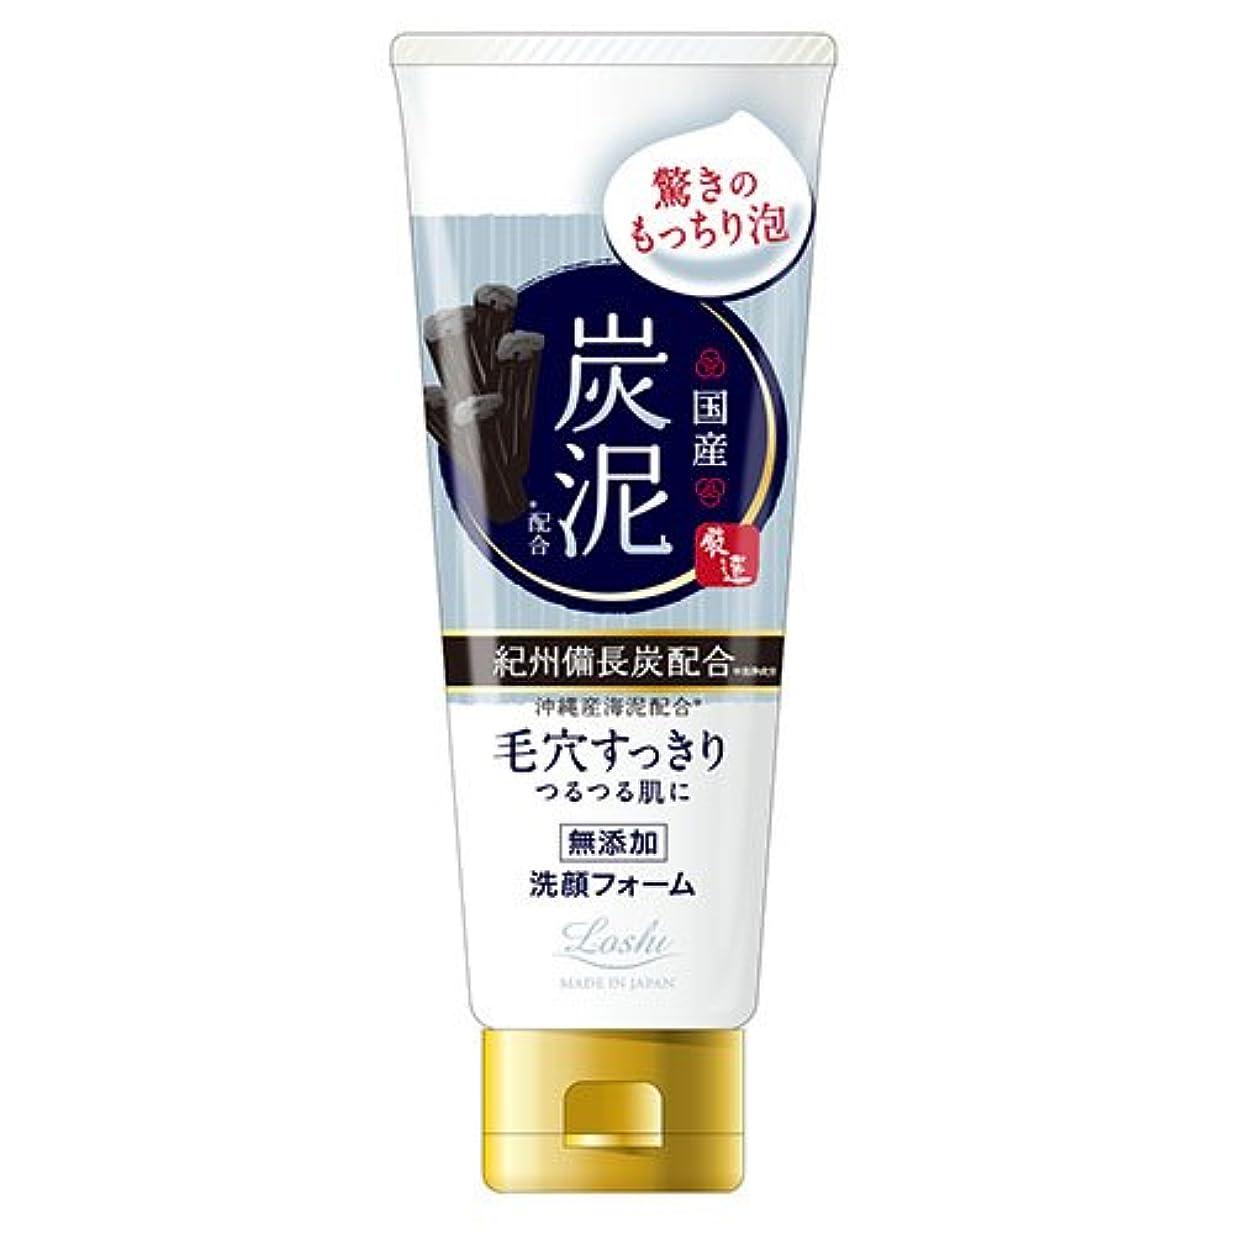 世界記録のギネスブック持続的メーターロッシモイストエイド 国産 ホイップ洗顔 炭泥 120g